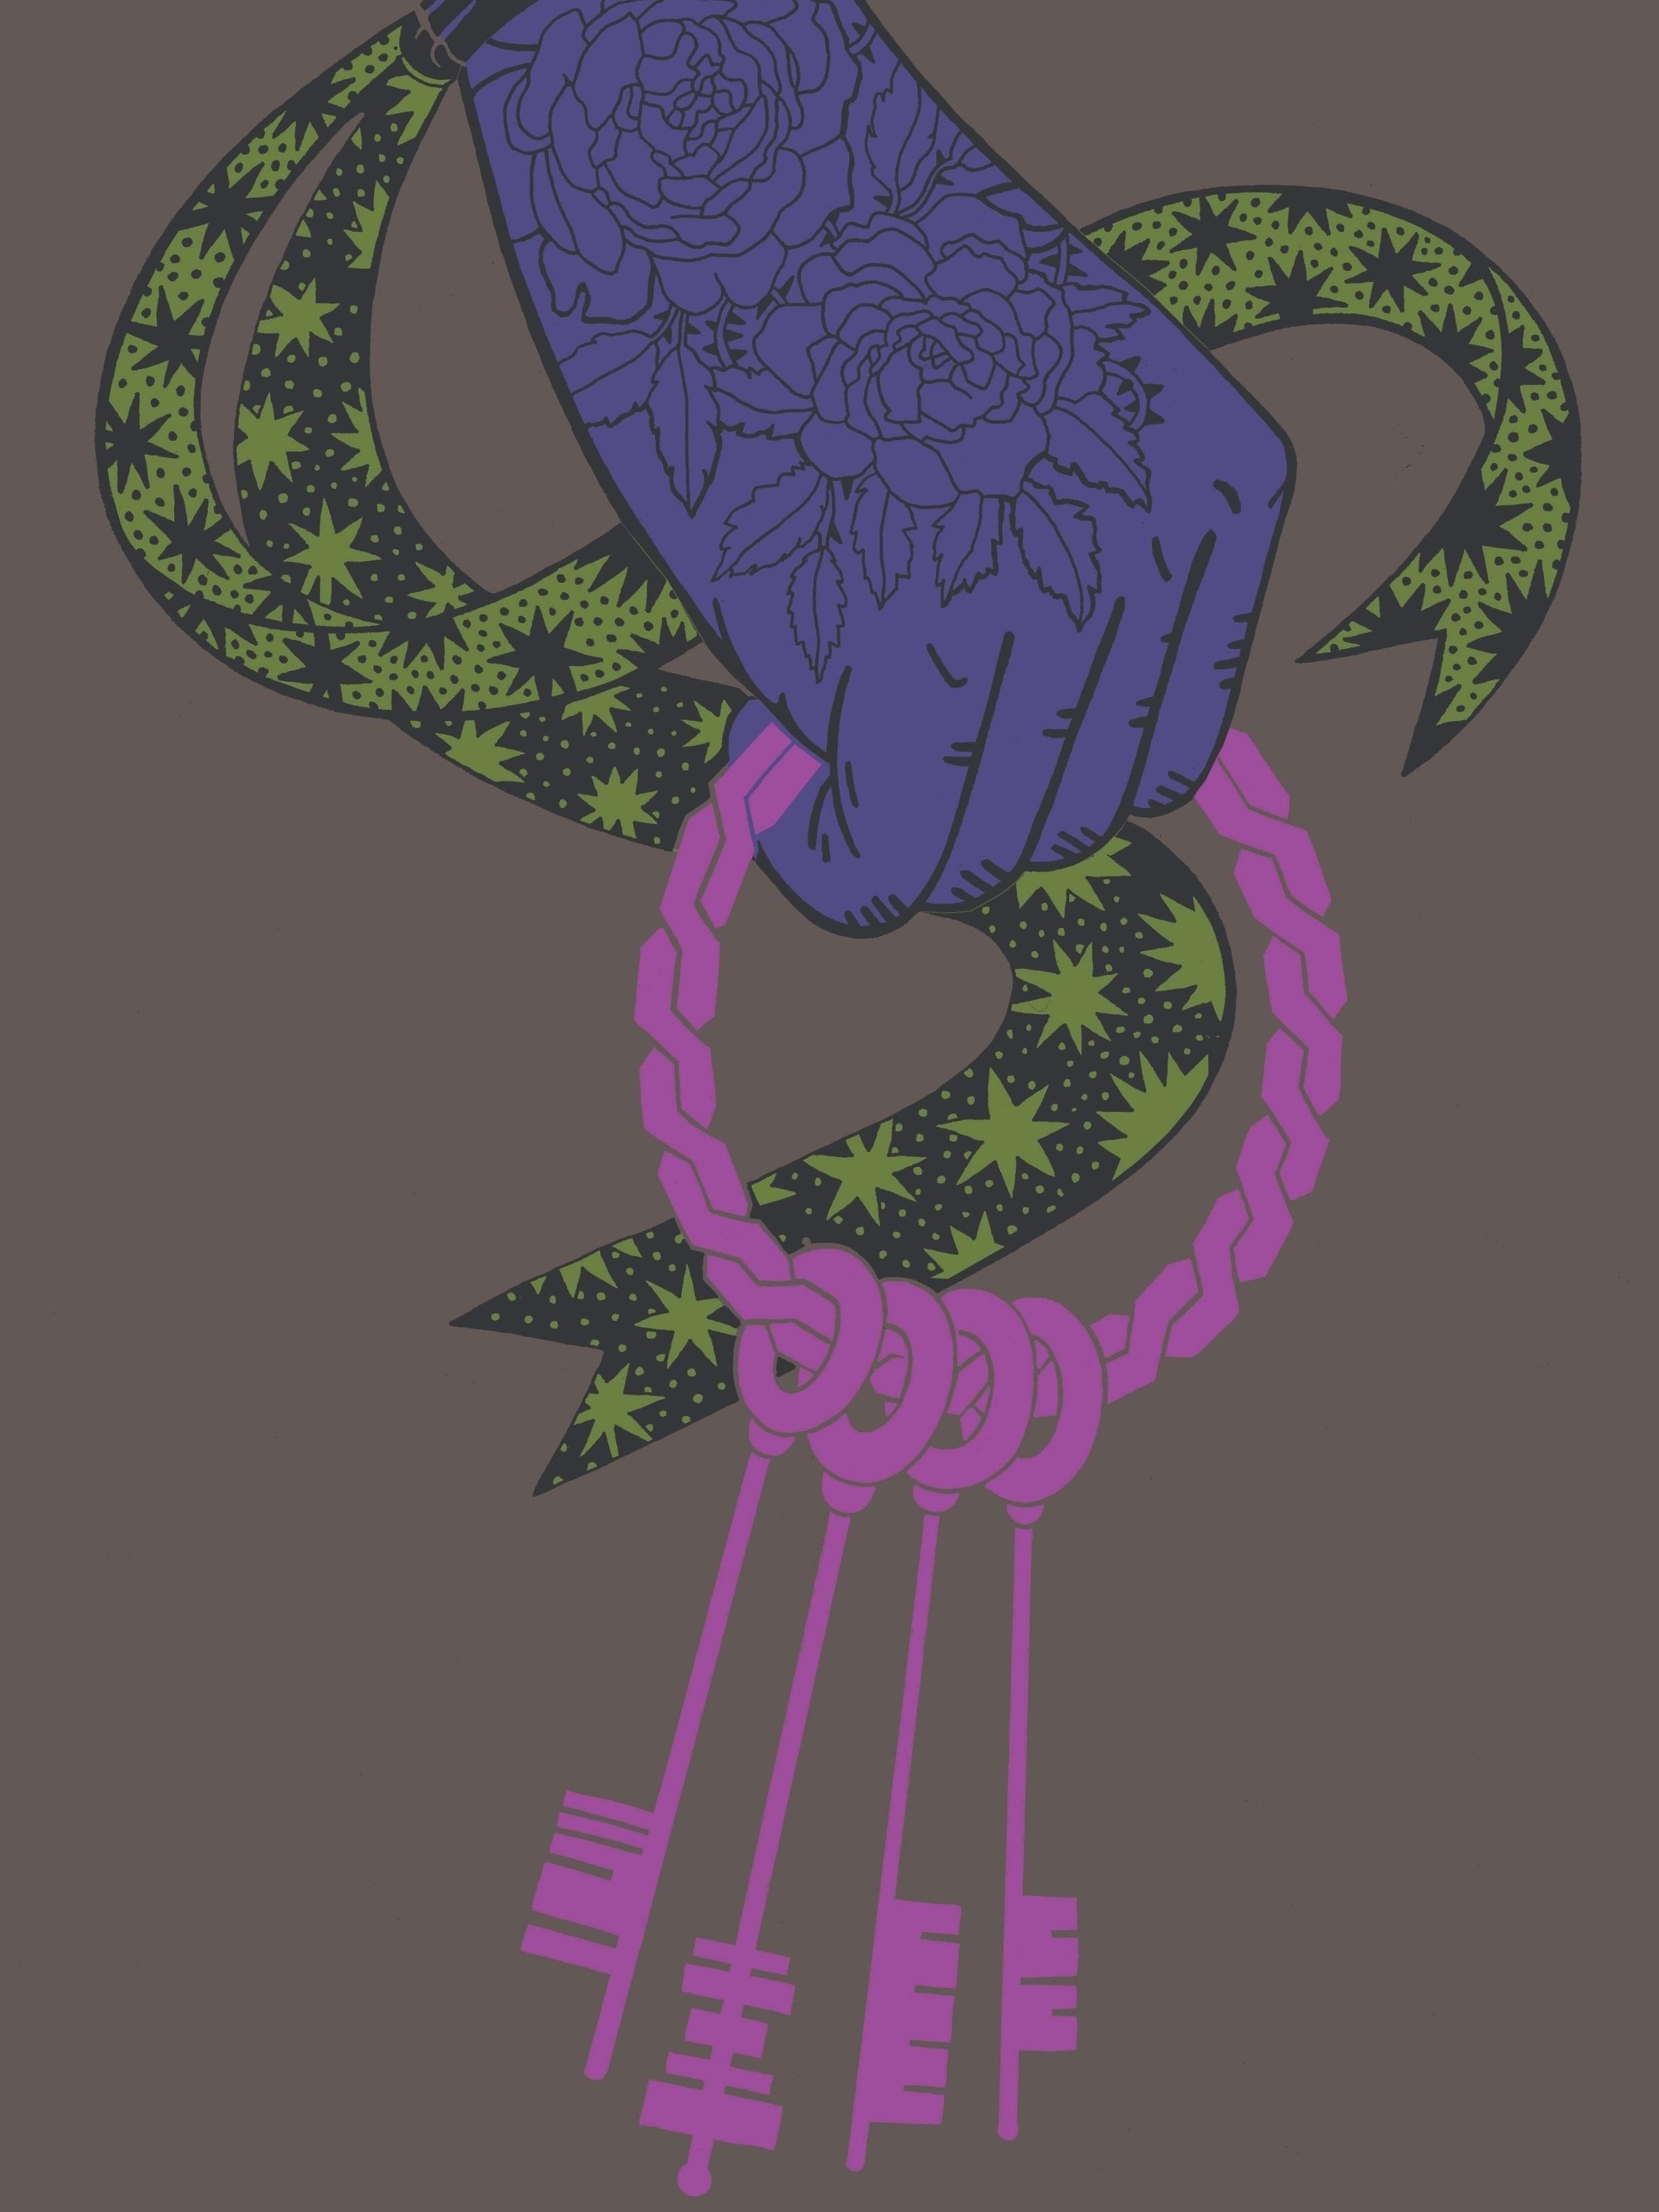 Design by Erin Bassett